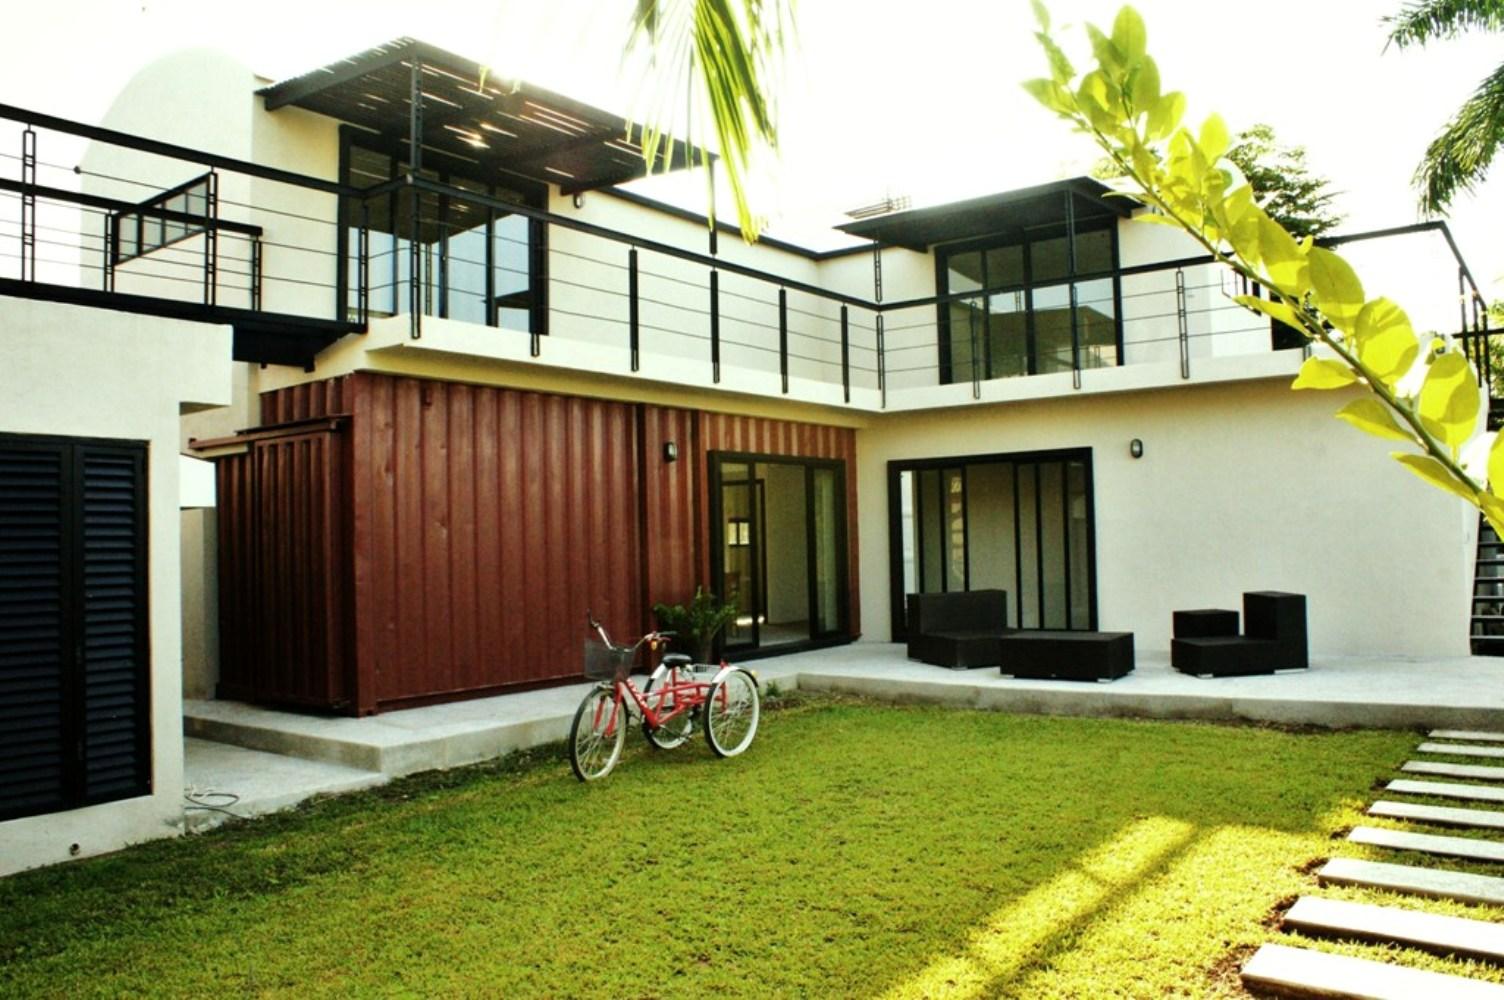 Mira las mejores casas hechas de contenedores goplaceit - Casas hechas con contenedores precios ...